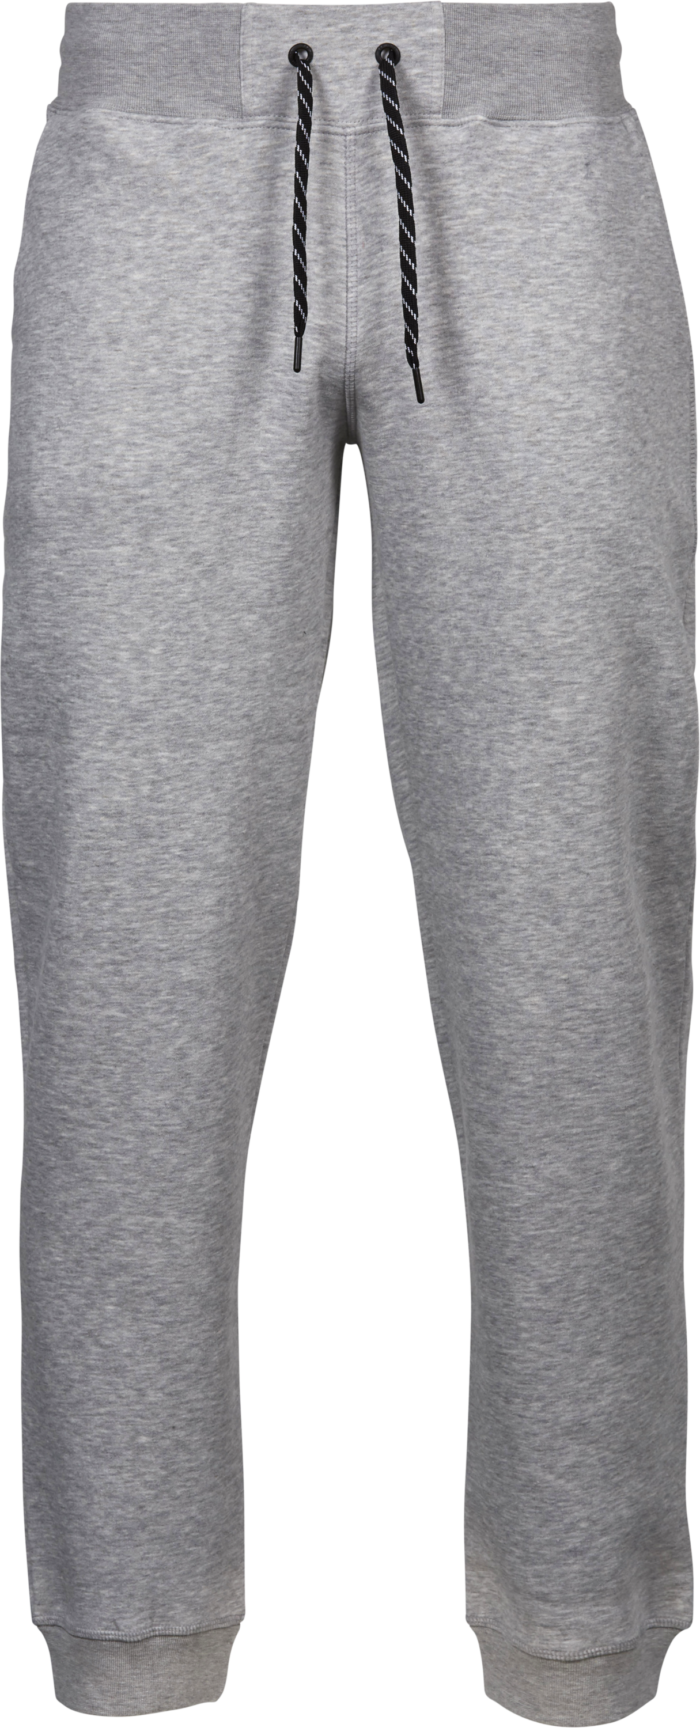 5425_Sweat Pants, Homme, Femme, Unisexe, coton égyptien à longues fibres -surface douce -couleurs éclatantes grâce à une double teinture -intérieur brossé -2 poches latérales et poche arrière -bord-côte en lycra pour un meilleur maintien -surpiqûres, Tee Jays, 109 T-shirts